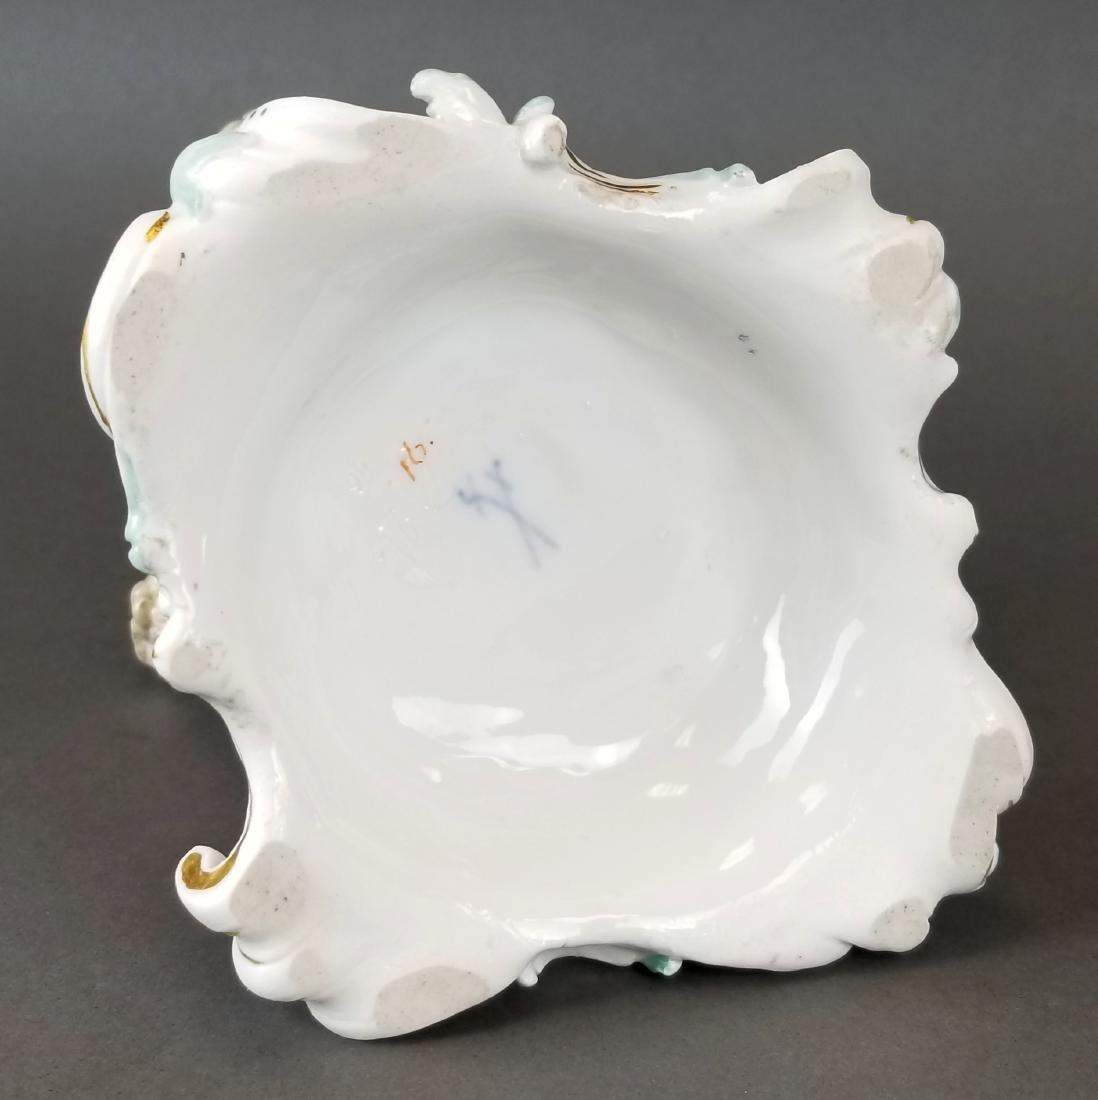 Pair of 19th C. Meissen Figural Vases - 5